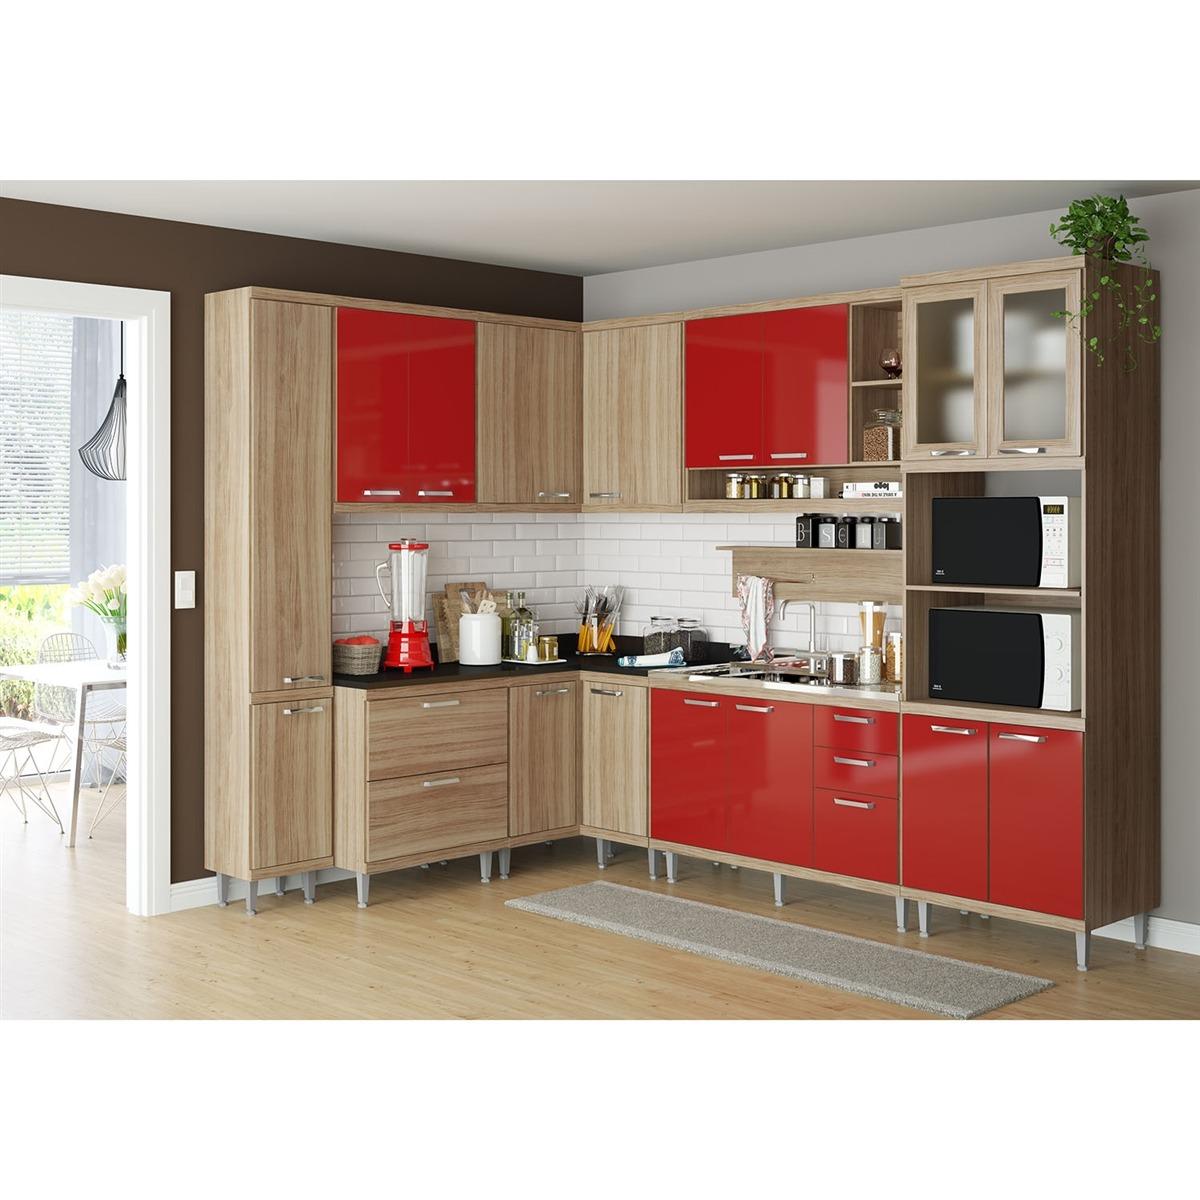 Cozinha 9 M Dulos 16portas 5gvetas Argila Vrmlho Multim Veis R